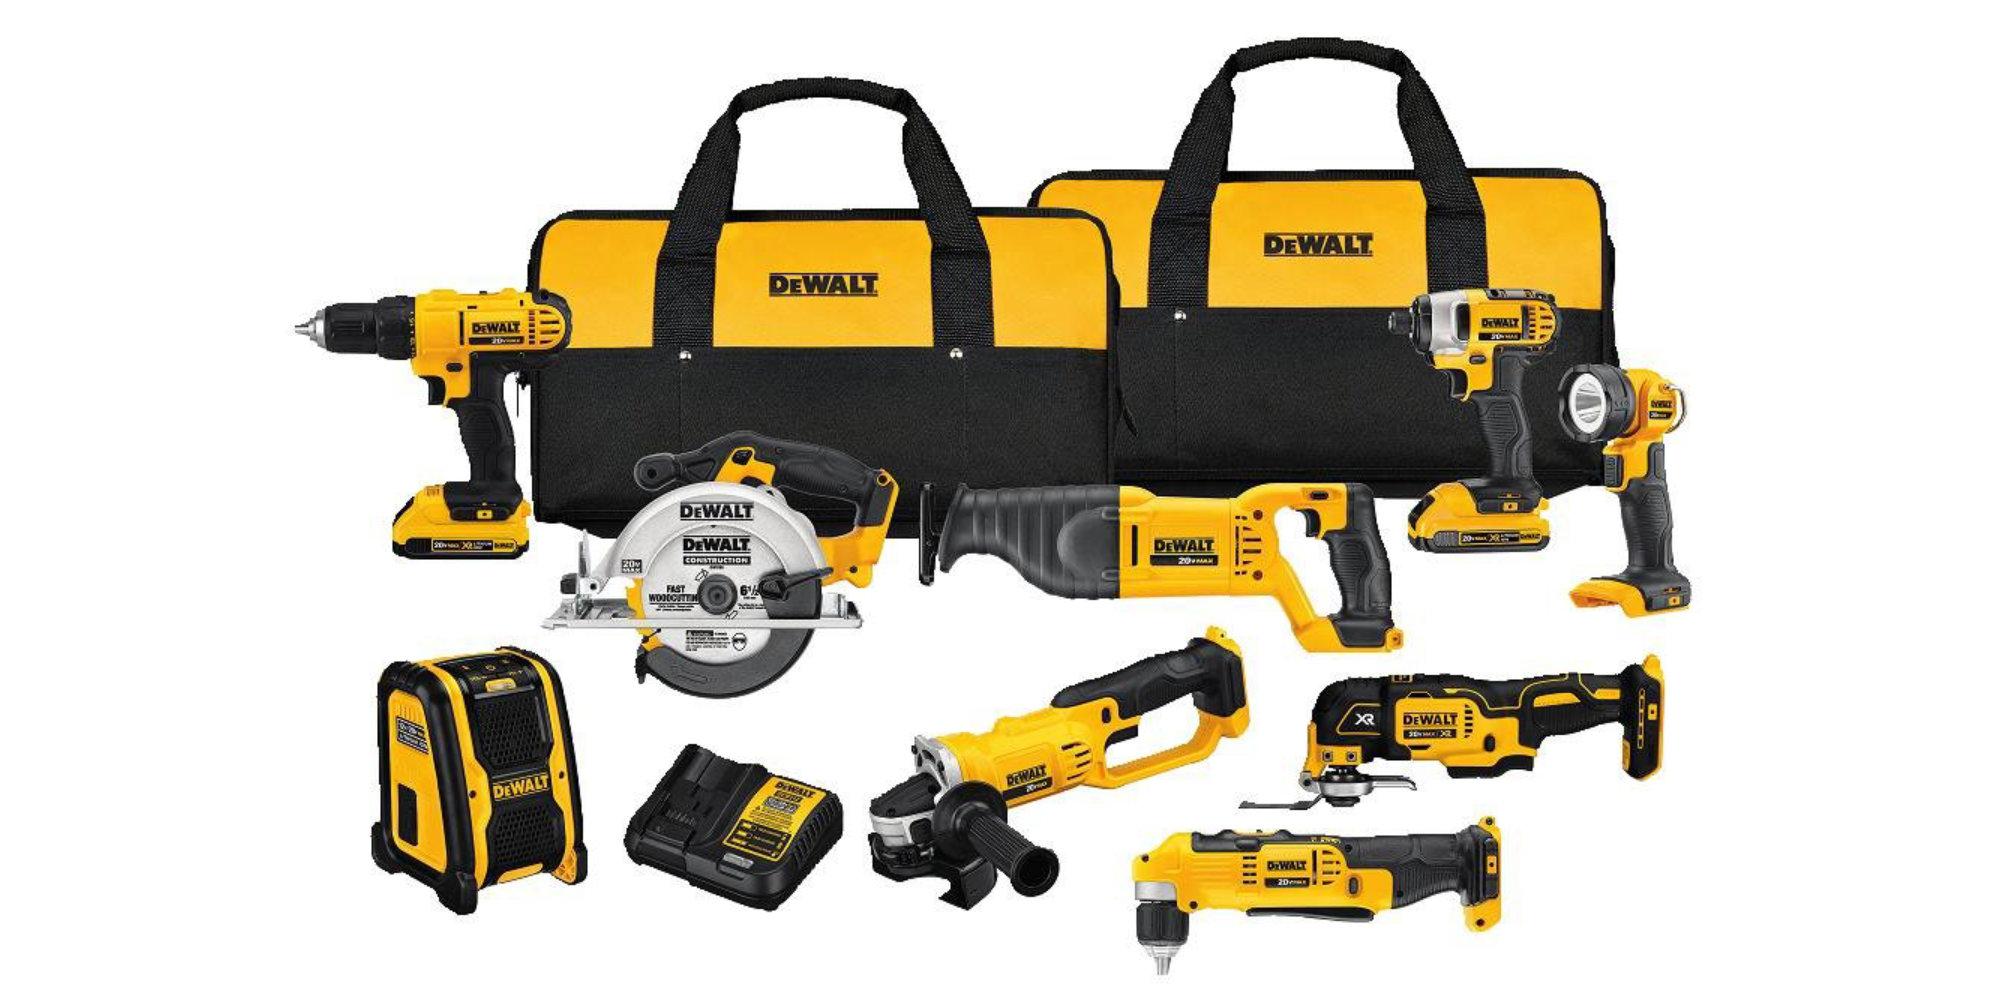 Get it all w/ DEWALT's 20V MAX 9-Tool Combo Kit: $529 shipped (Reg. $669+)